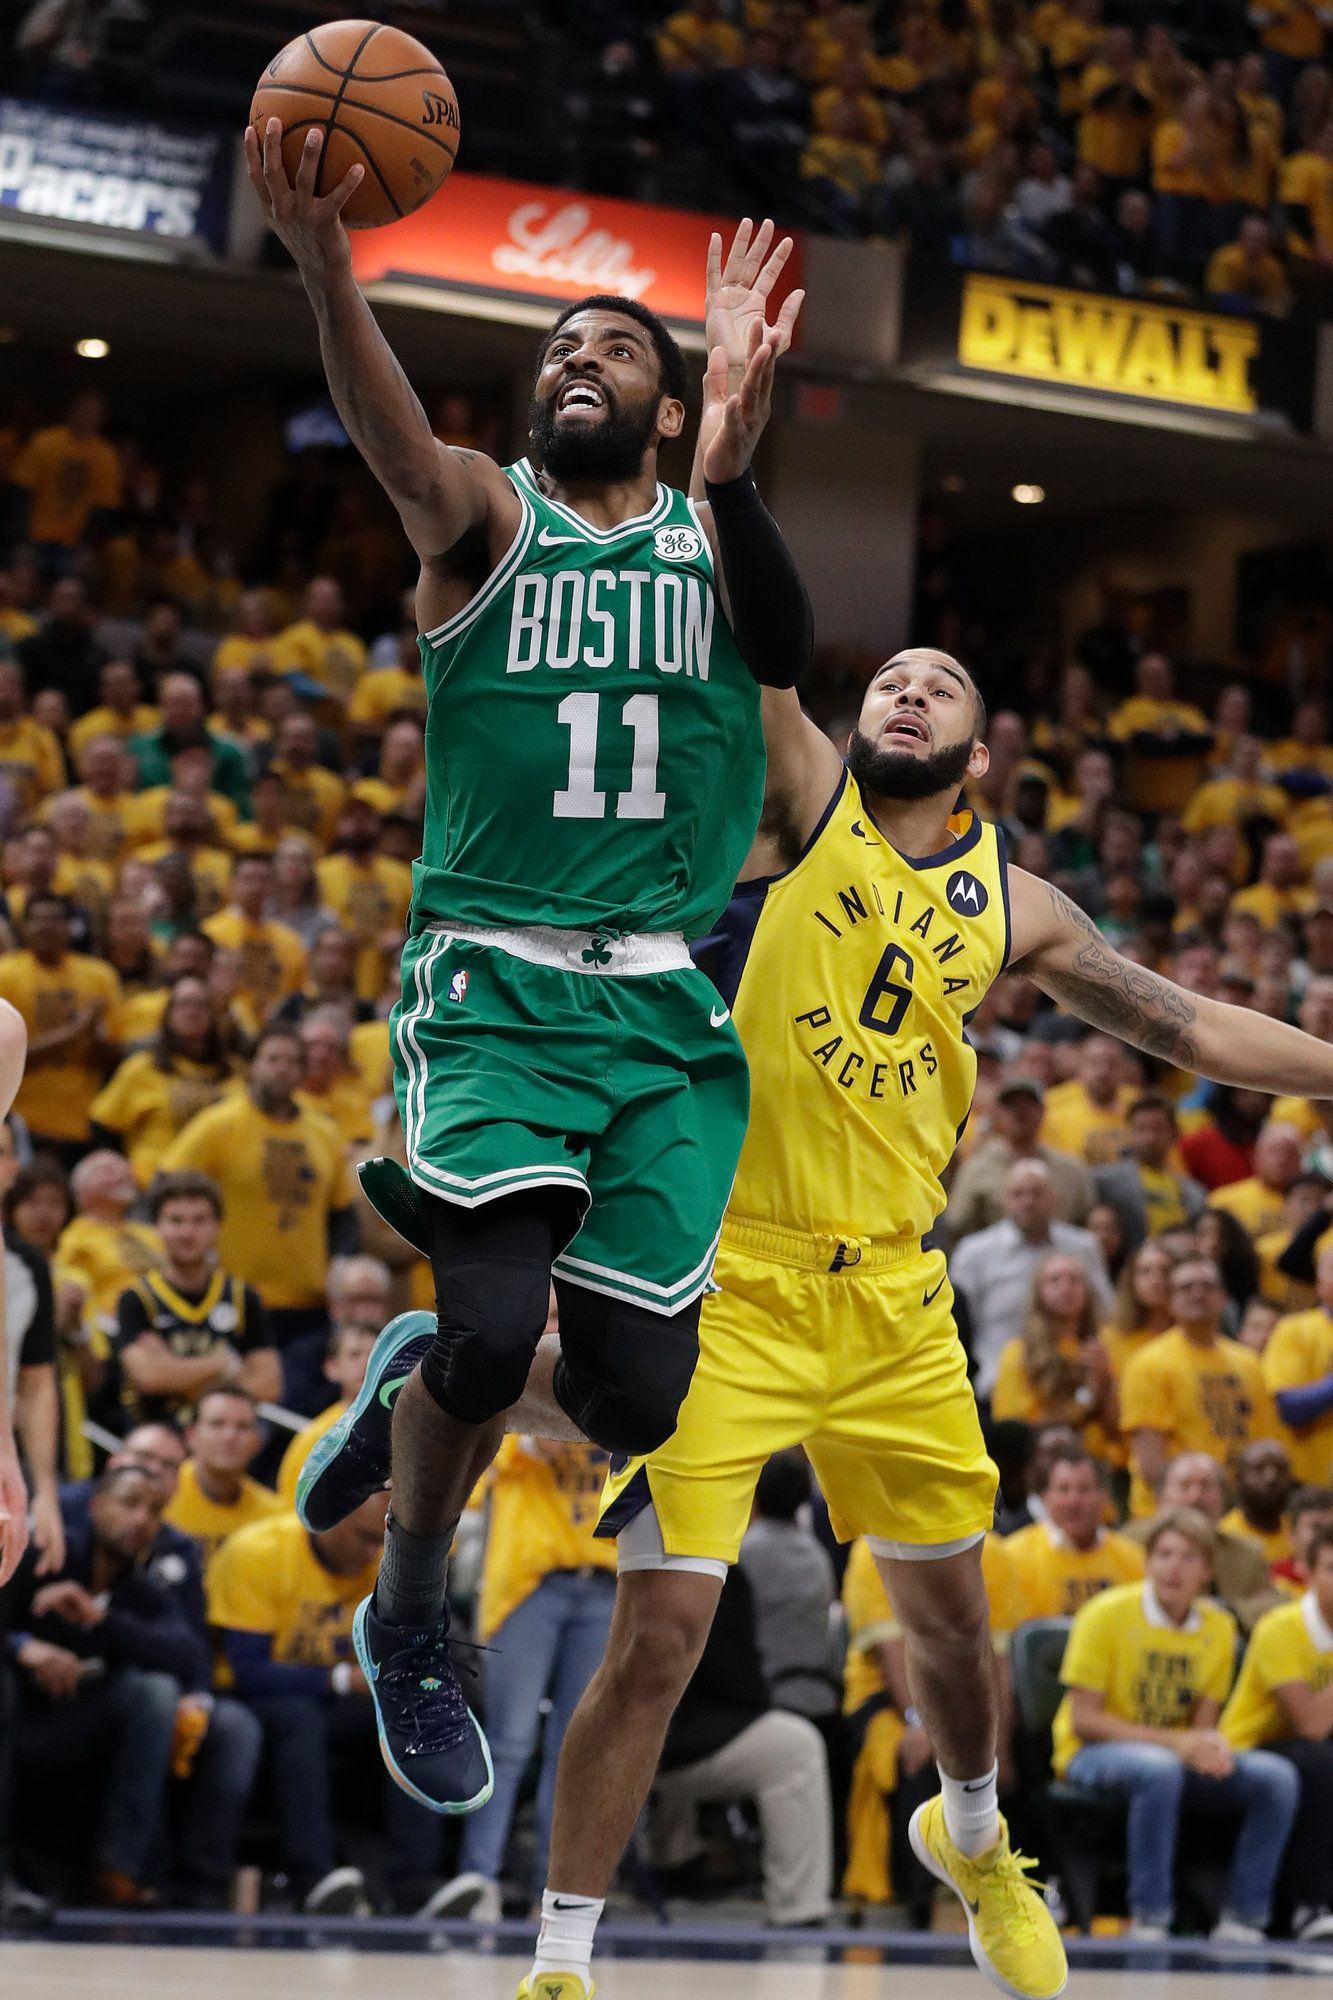 Pin on NBA Basketball